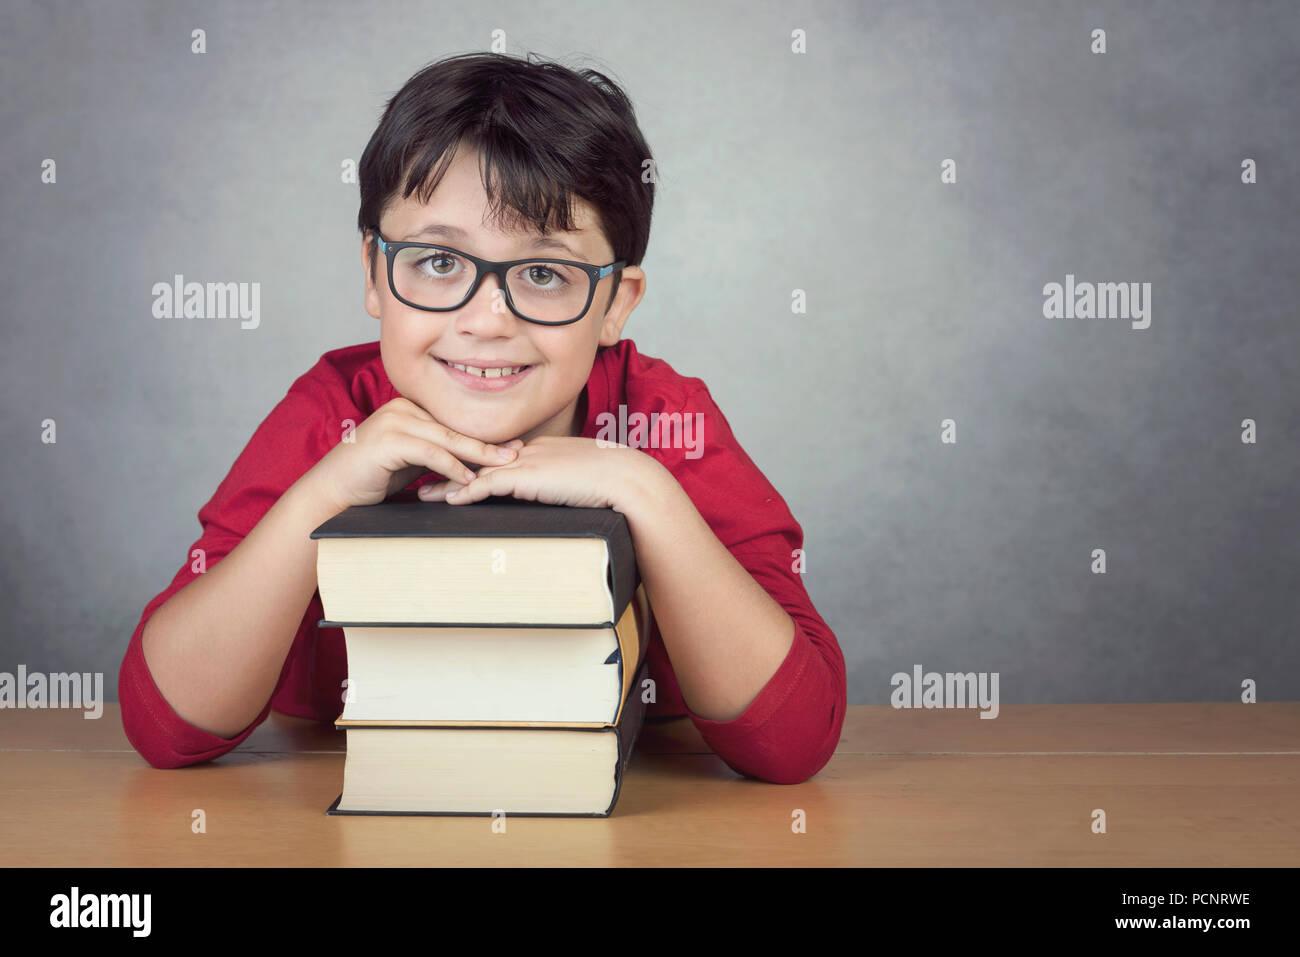 Niñito sonriente apoyado en libros sobre una tabla sobre fondo negro Imagen De Stock